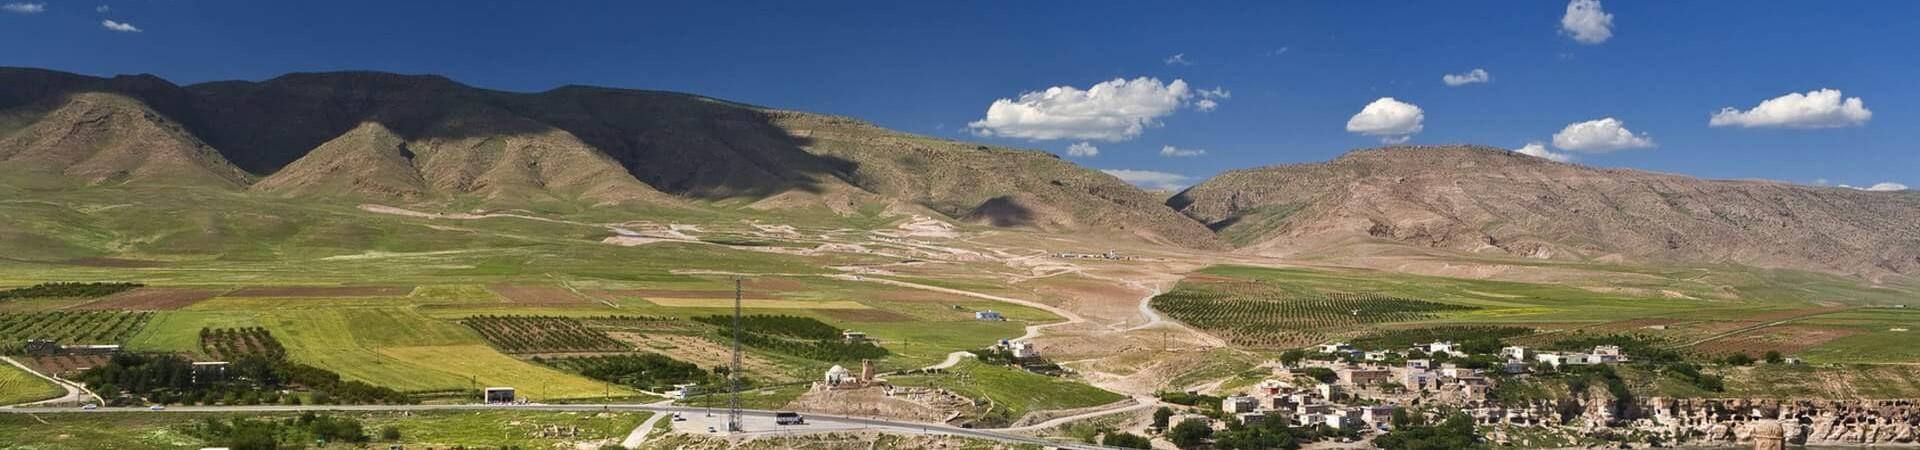 Hasankeyf w Turcji widok